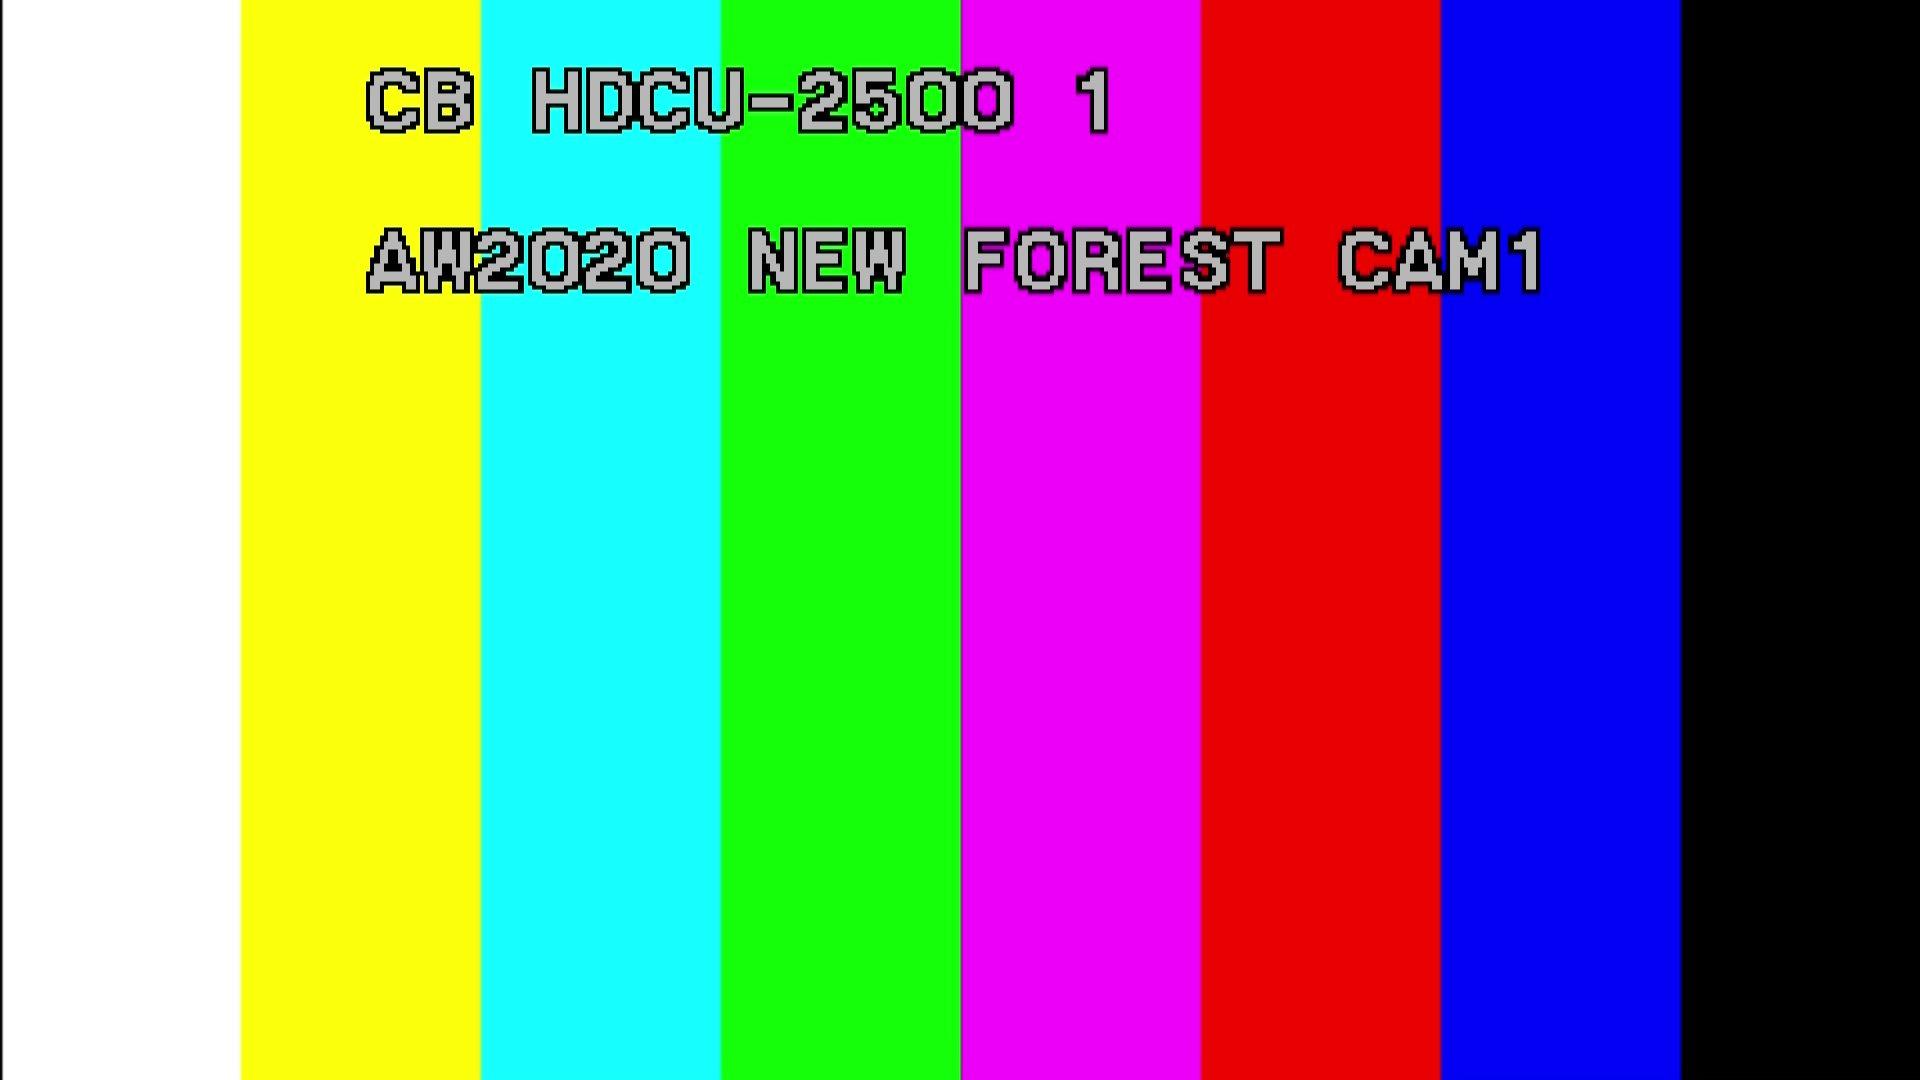 vlcsnap-2020-10-25-19h05m16s234.jpg